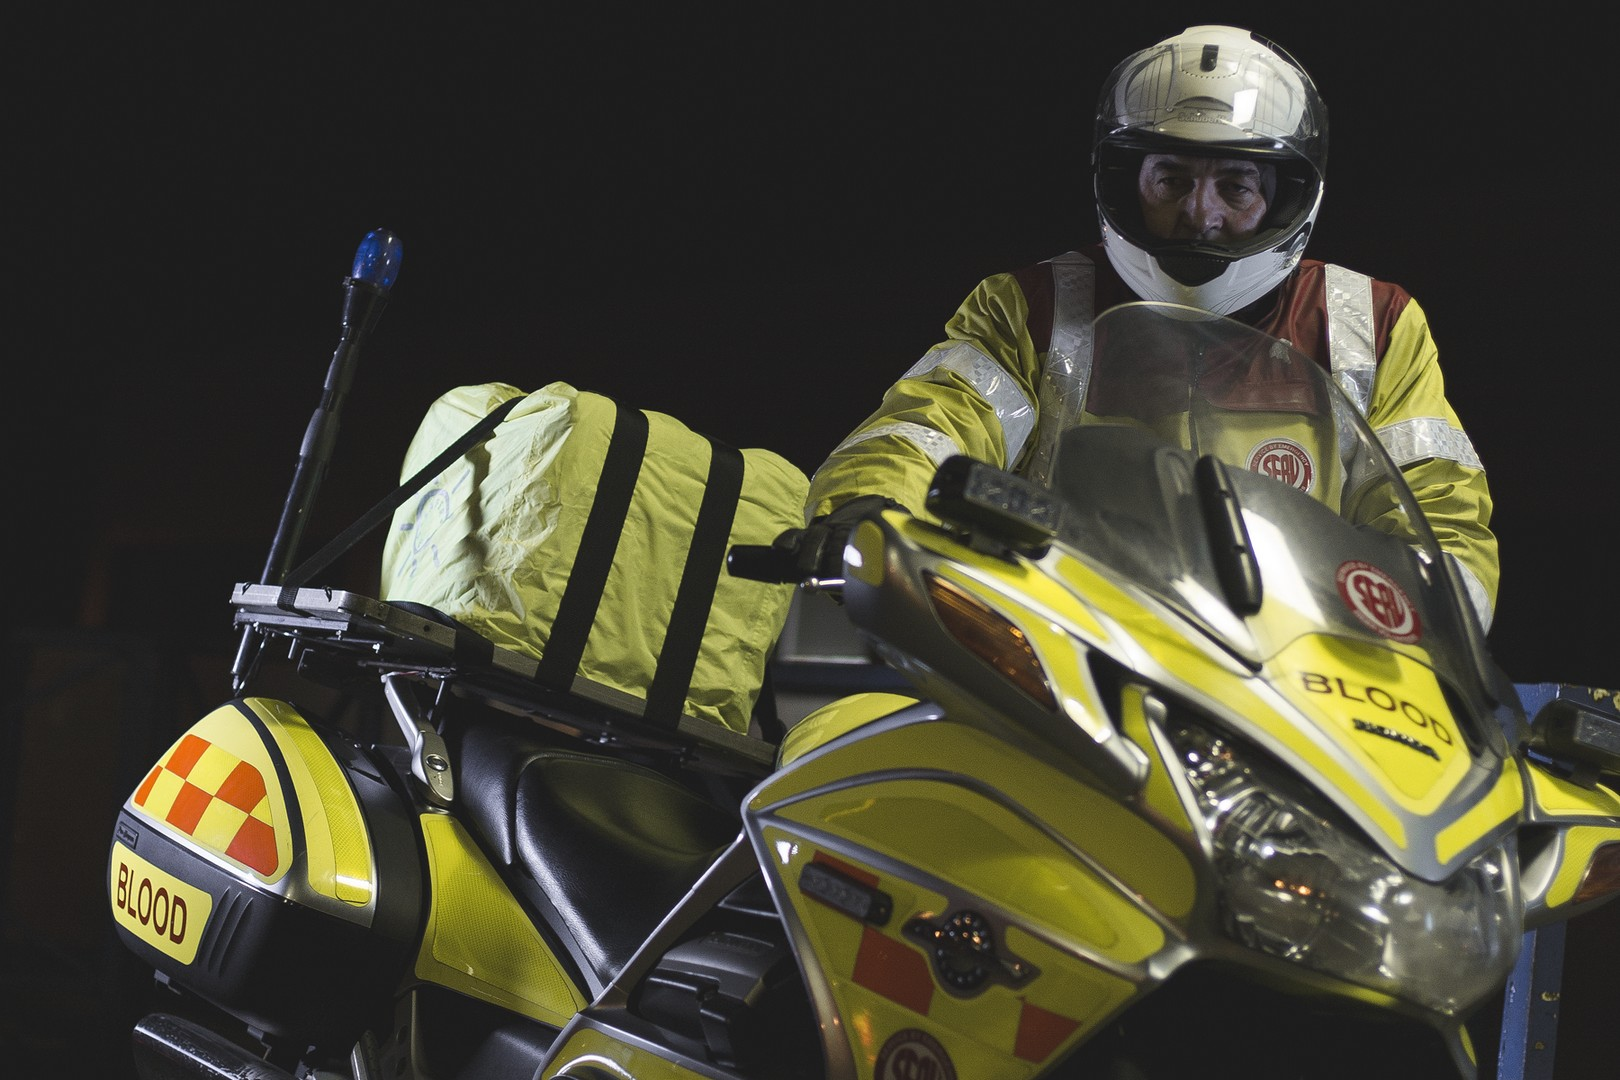 Blood Bikers: los motociclistas que salvan vidas